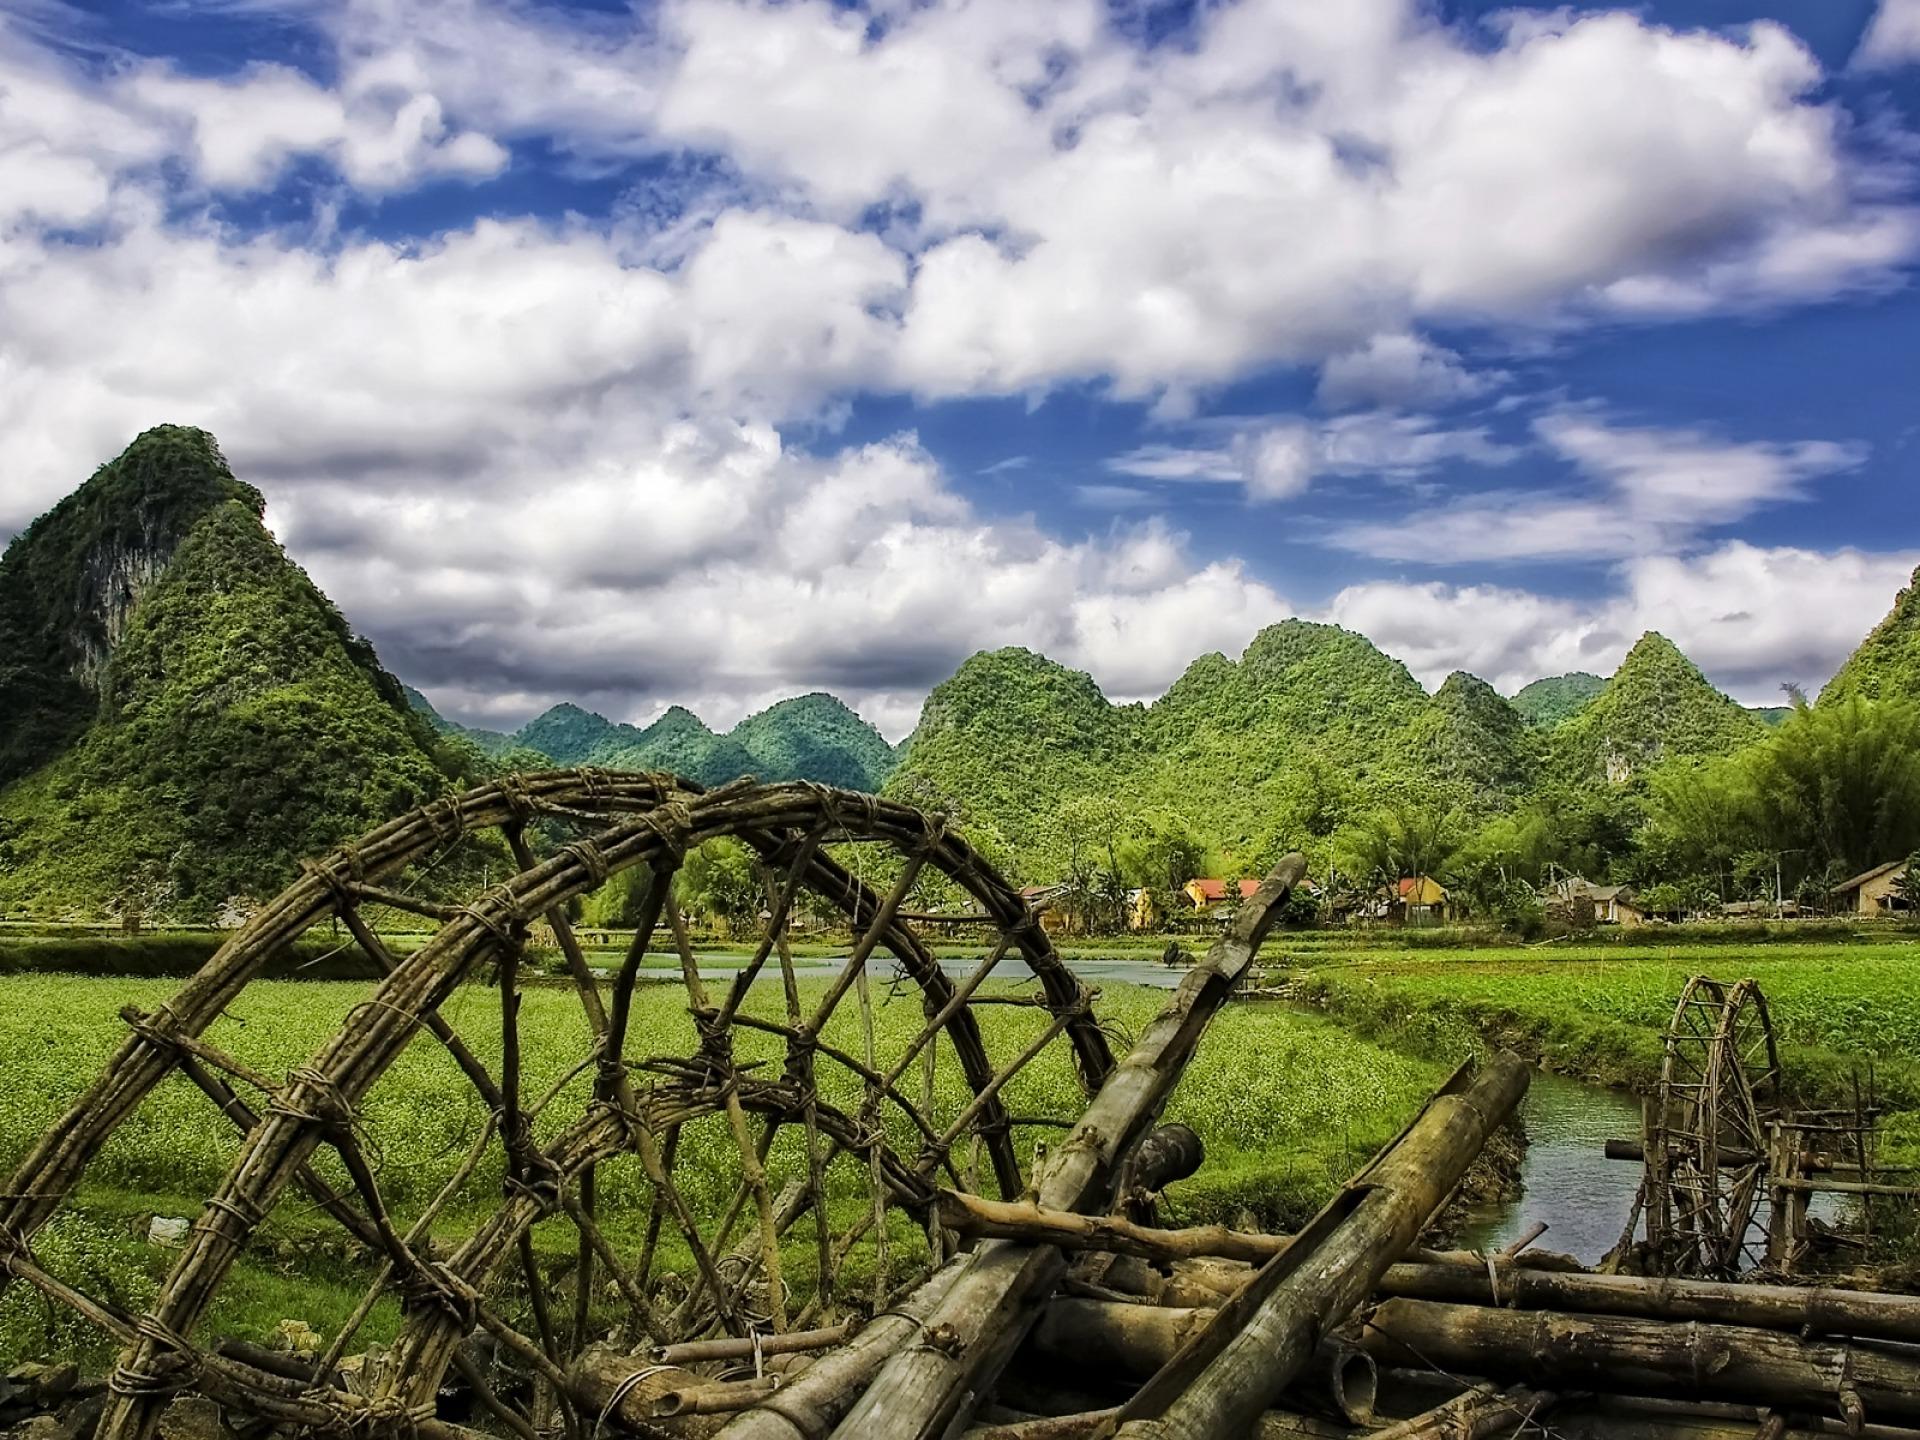 Vietnam Village Wallpaper Vietnam World Wallpapers In Jpg Format For